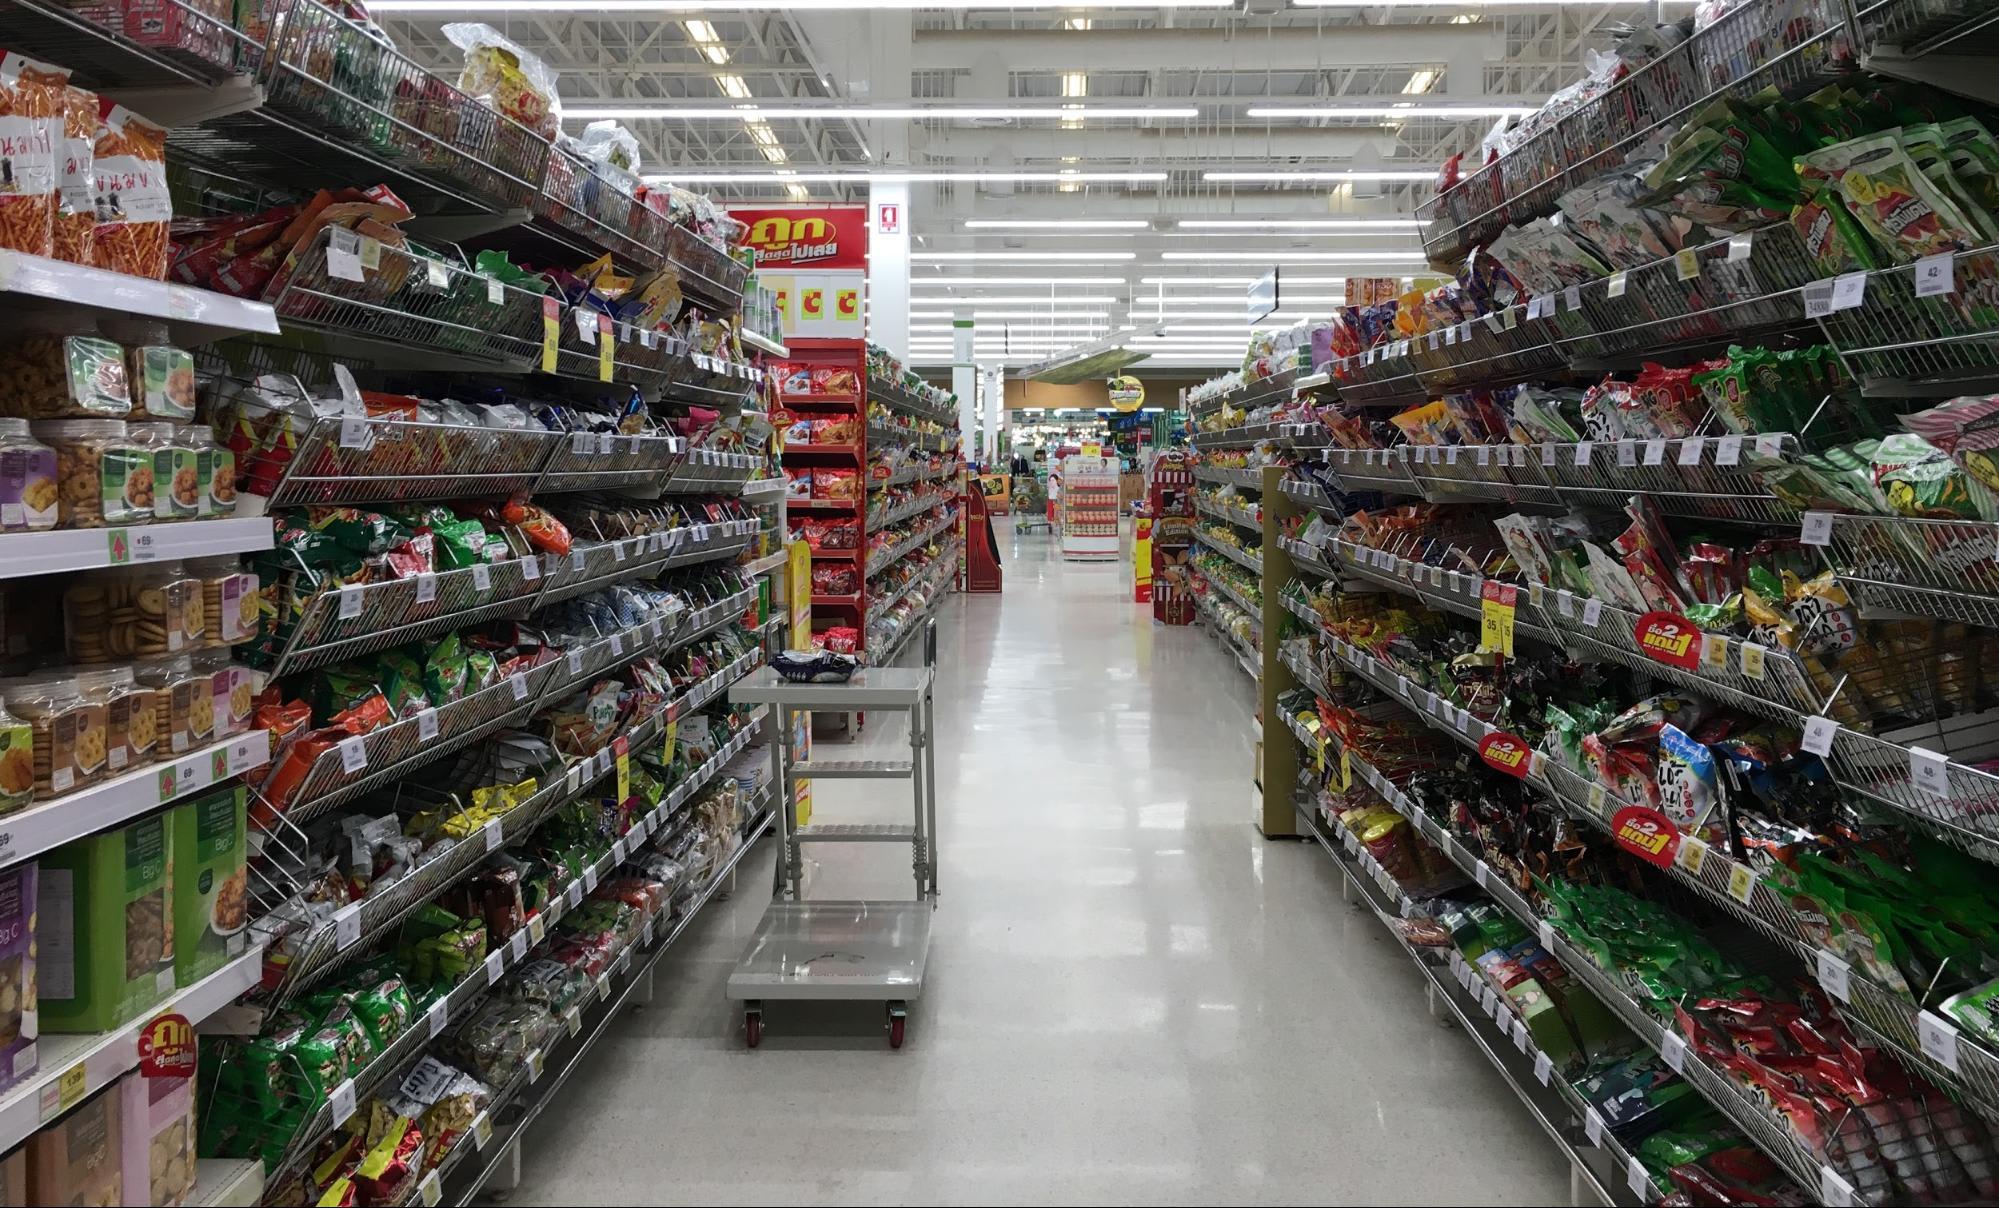 mua sắm tại big c là một trong những kinh nghiệm đi krabi